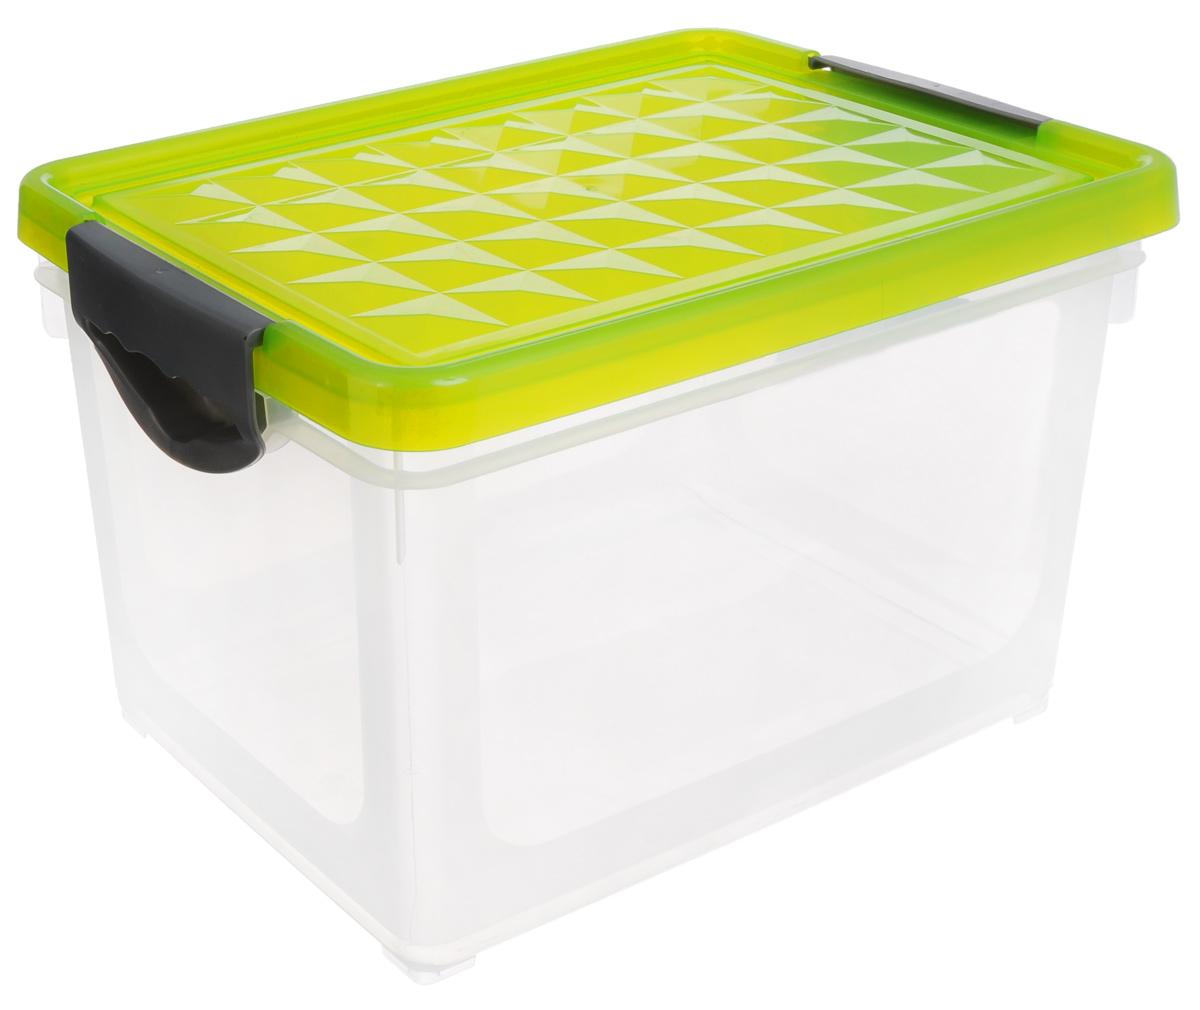 Ящик для хранения BranQ Systema, цвет: прозрачный, салатовый, 19 лПЦ1002_салатовыйЯщик для хранения BranQ Systema, выполненный из полипропилена, поможет правильно организоватьпространство в доме и сэкономить место. Внем можно хранить все, что угодно: одежду, обувь, детские игрушки и многое другое. Прочныйкаркас ящика позволит хранить как легкие вещи, так и переносить собранный урожай овощей илифруктов. Ящик оснащен крышкой, закрывающейся на две защелки.